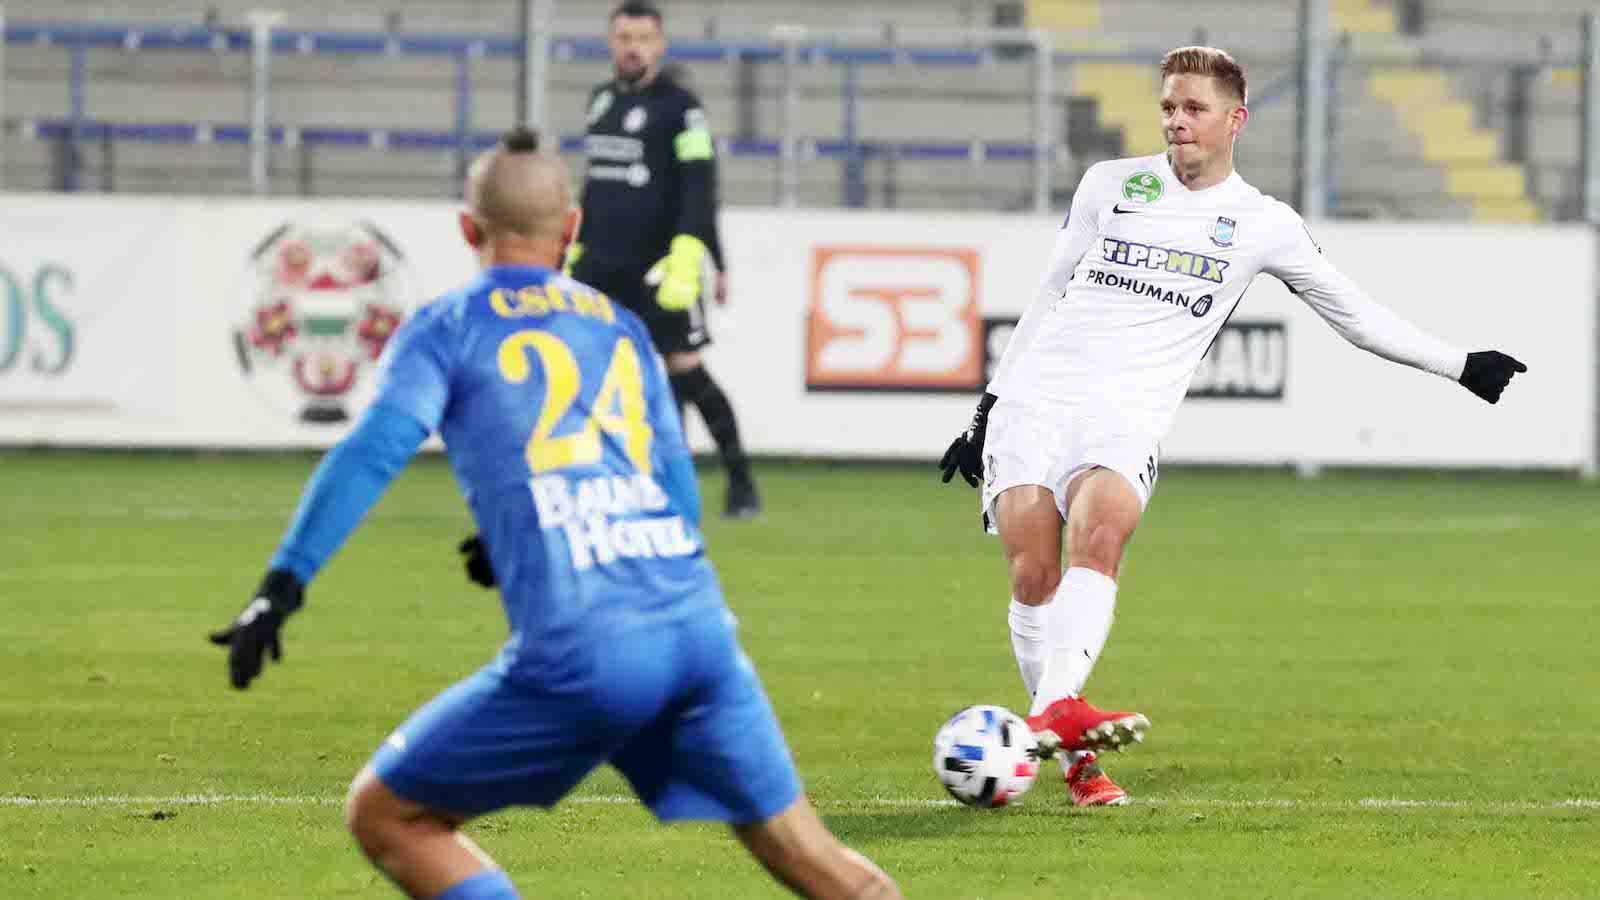 Élőképes közvetítés a Mezőkövesd FC elleni mérkőzésről